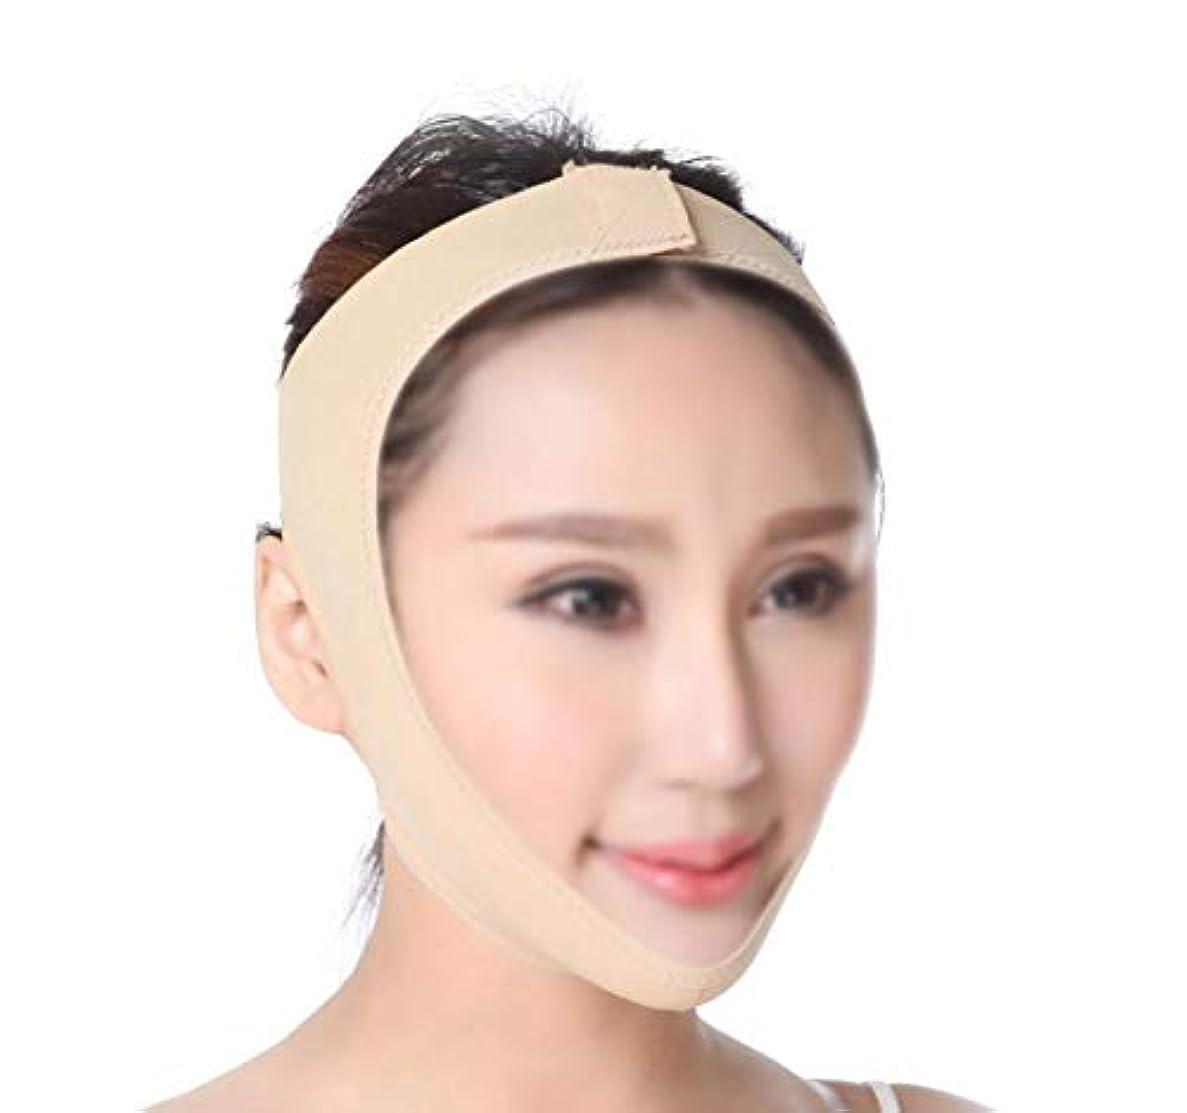 範囲ペフクアッガフェイスリフティング包帯、フェイシャル減量アンチシワケアフェイスリフトで肌を引き締め、二重あごを効果的に改善し、V字型の顔になります(サイズ:S),M